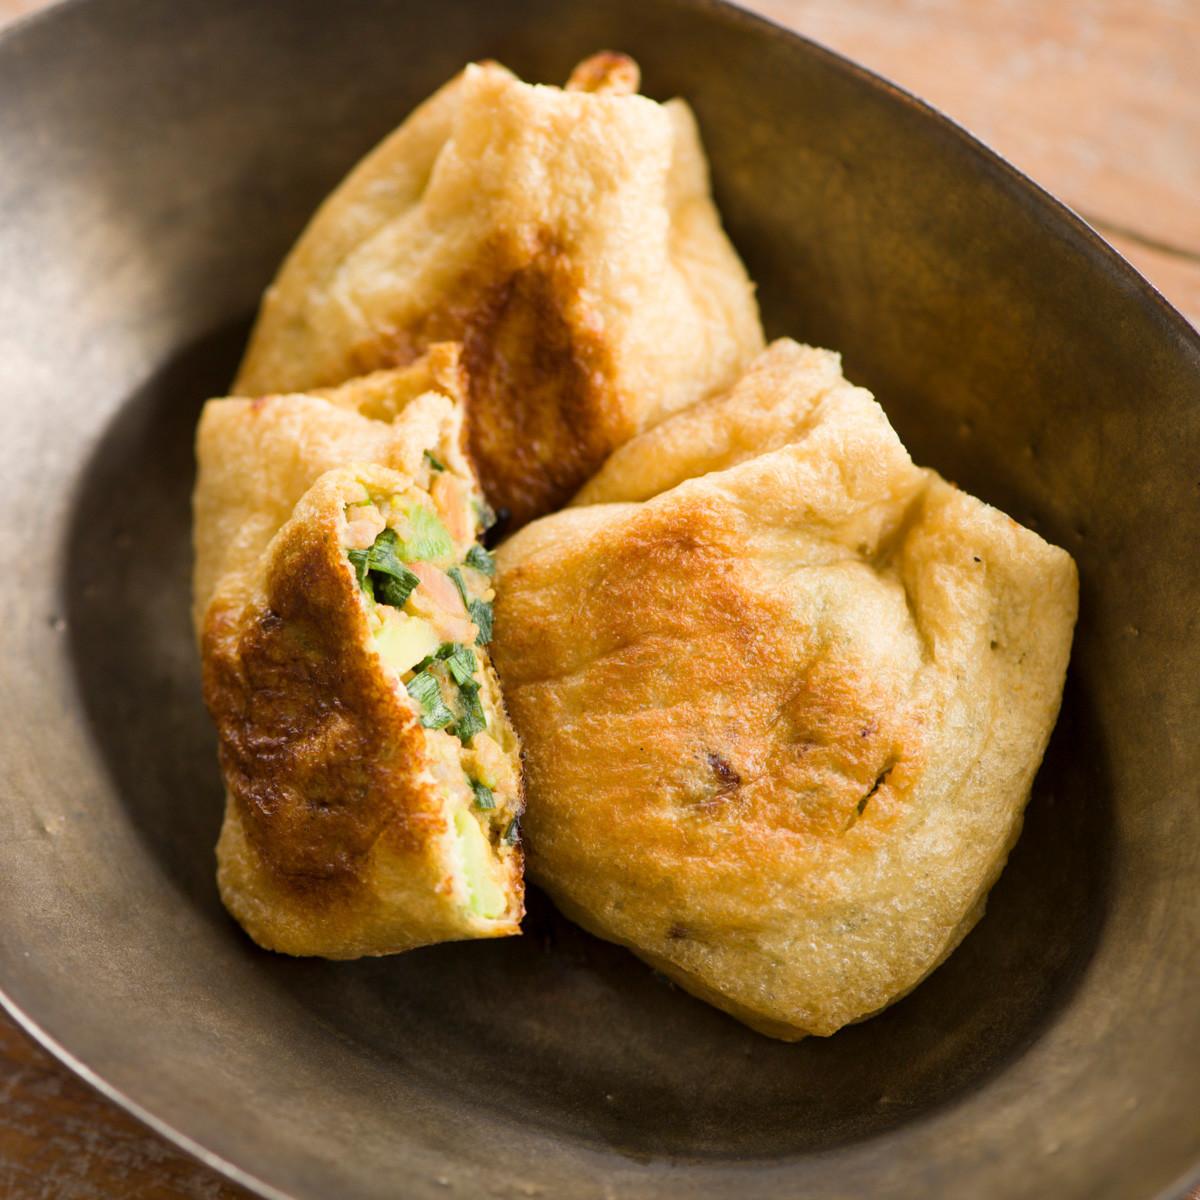 【ダイエットにもおすすめの食事やメニューは? Atsushi流レシピ】_納豆+アボカド「納豆アボカドきんちゃく」